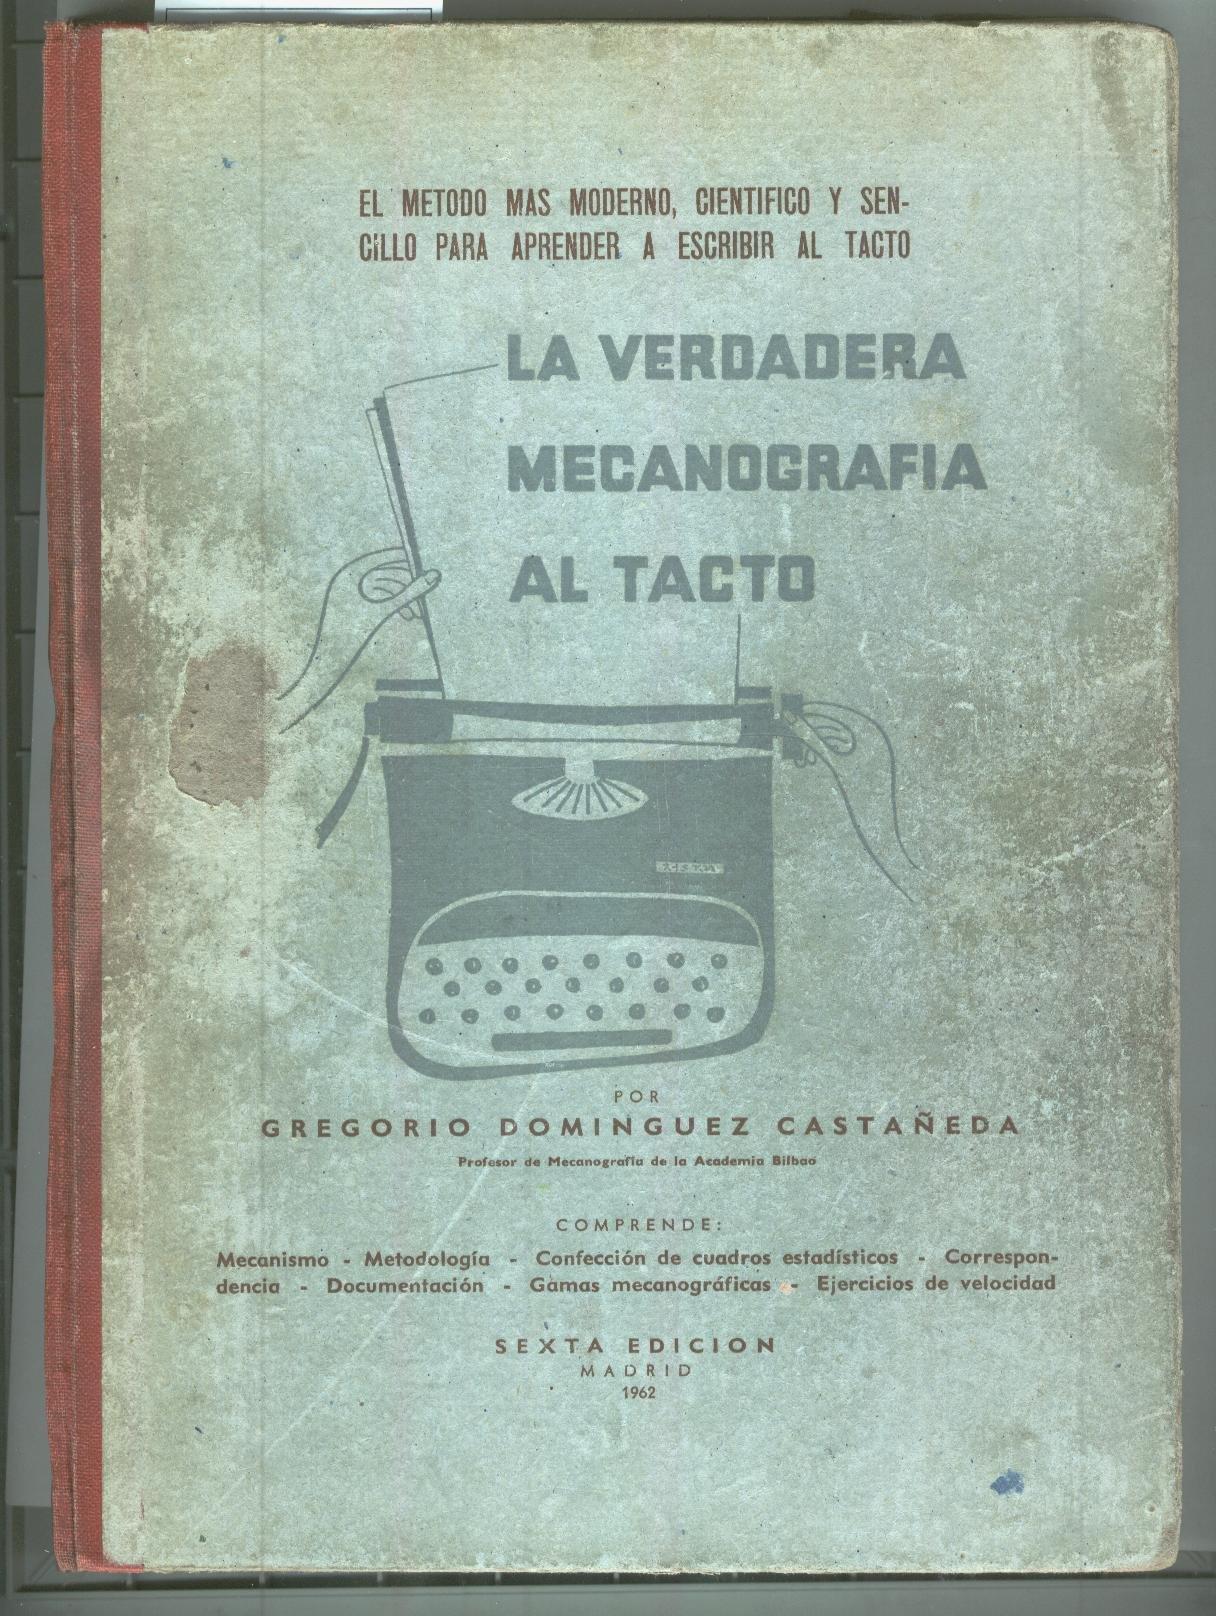 LA VERDADERA MECANOGRAFIA AL TACTO. El método más moderno, científico y sencillo para aprender a escribir al tacto 6ª Edición. Contiene ejercicios. Ilustraciones b/n. Buen estado: Amazon.es: Domínguez Castañeda, Gregorio-: Libros